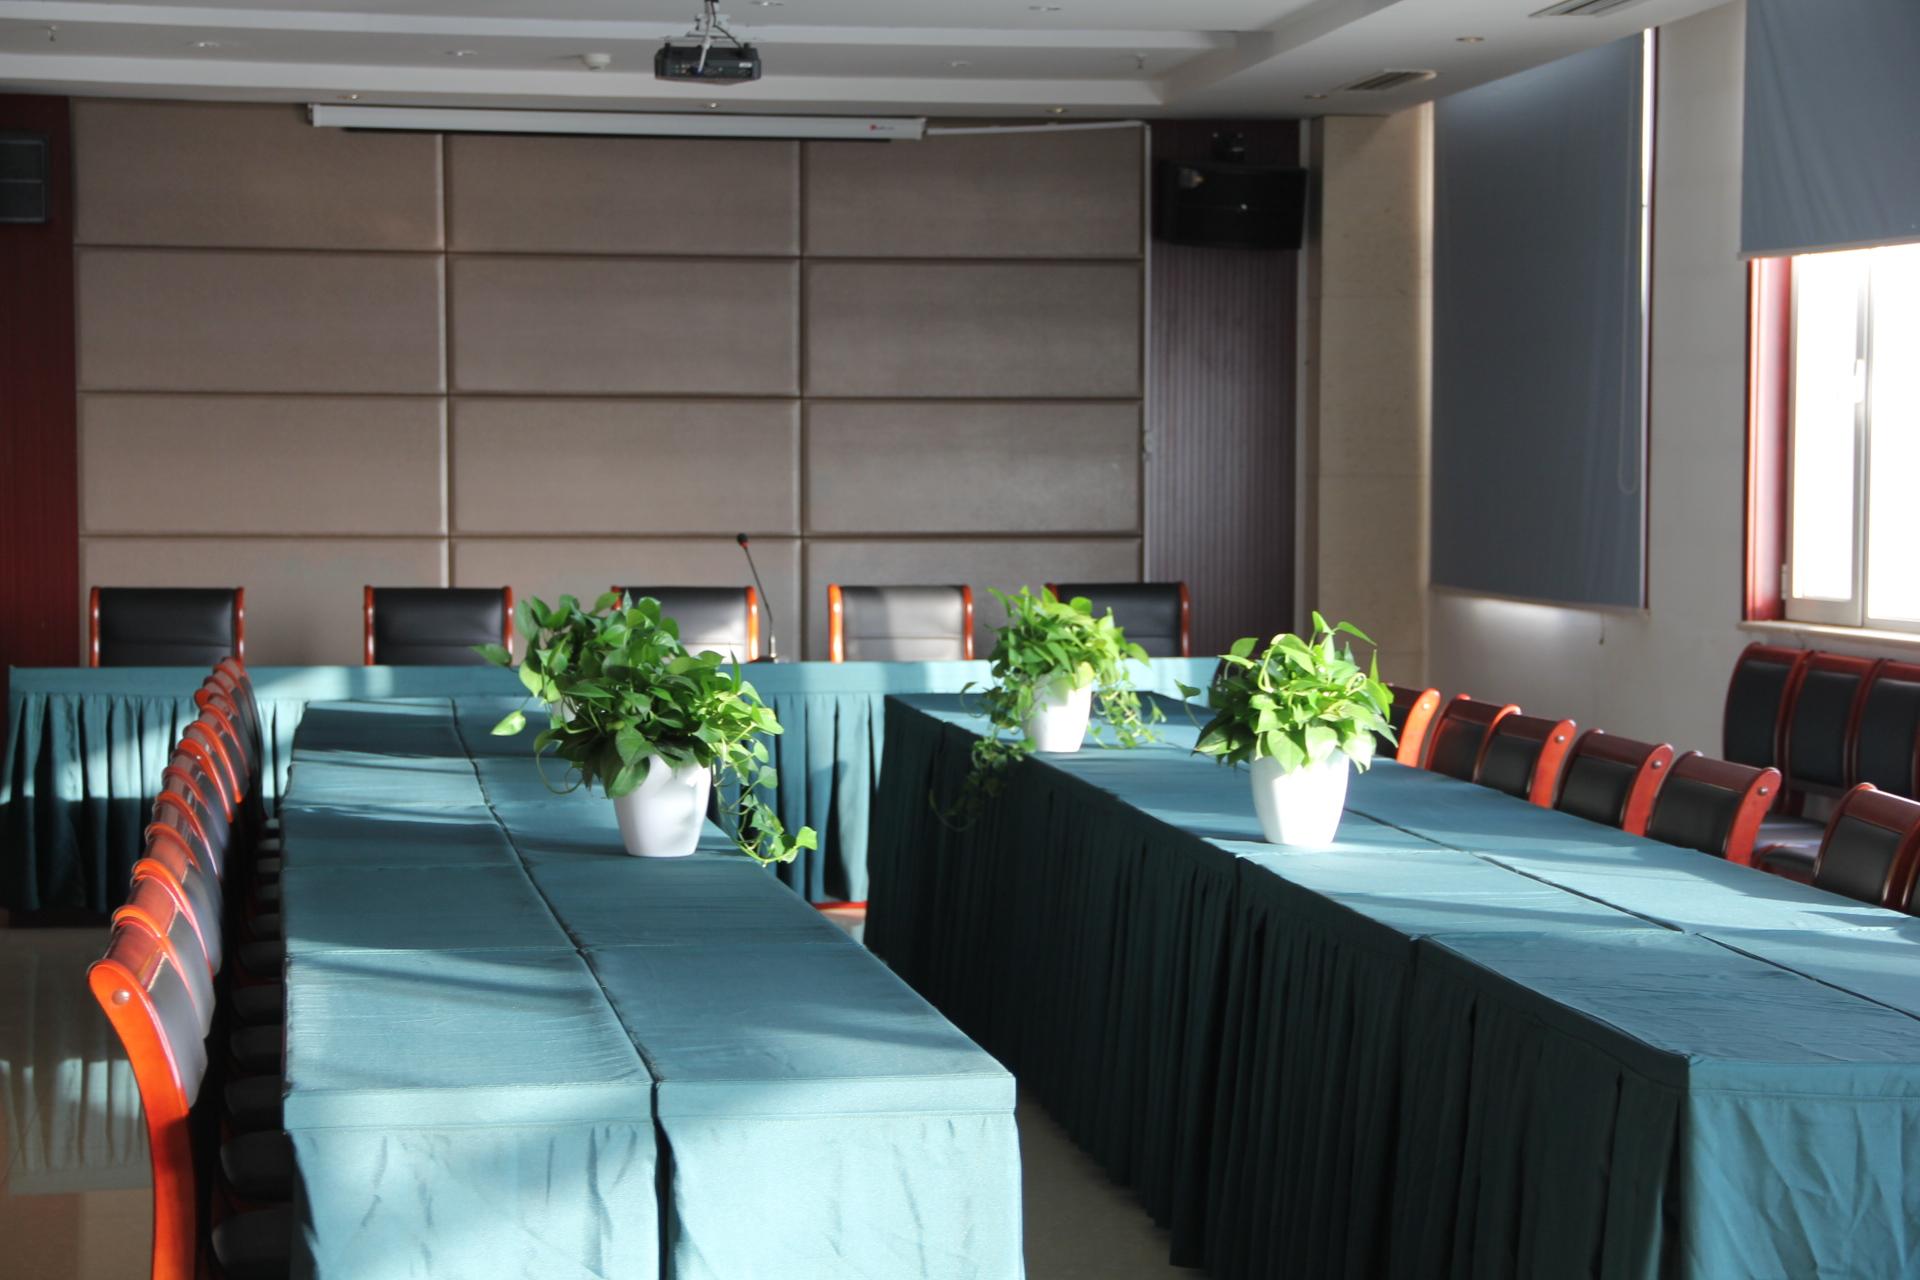 宽敞明亮的大会议室